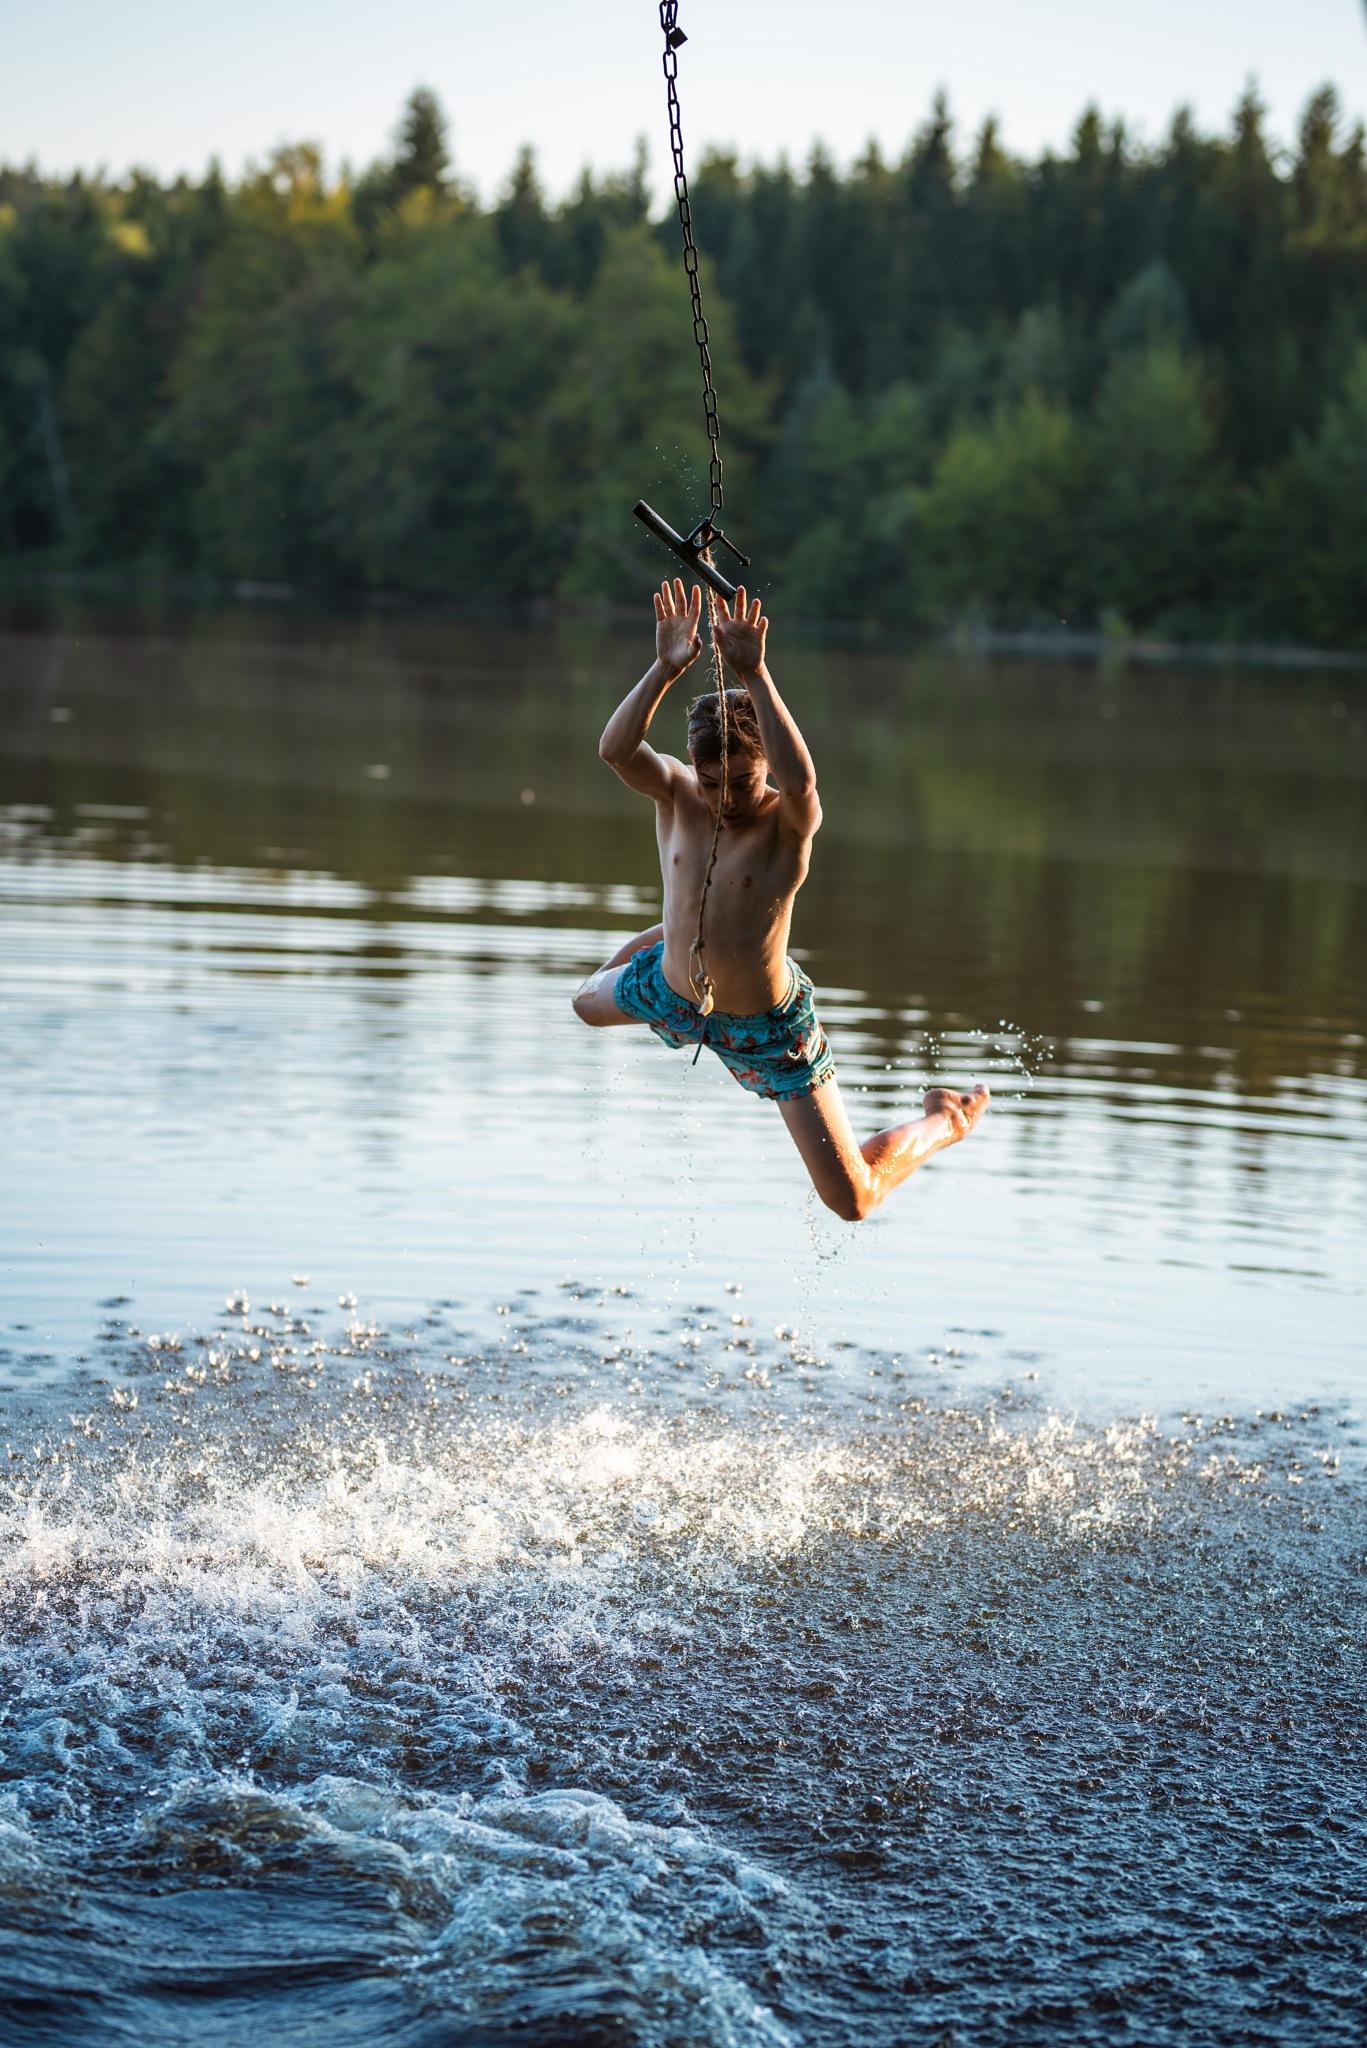 The jump by Christian Böhm